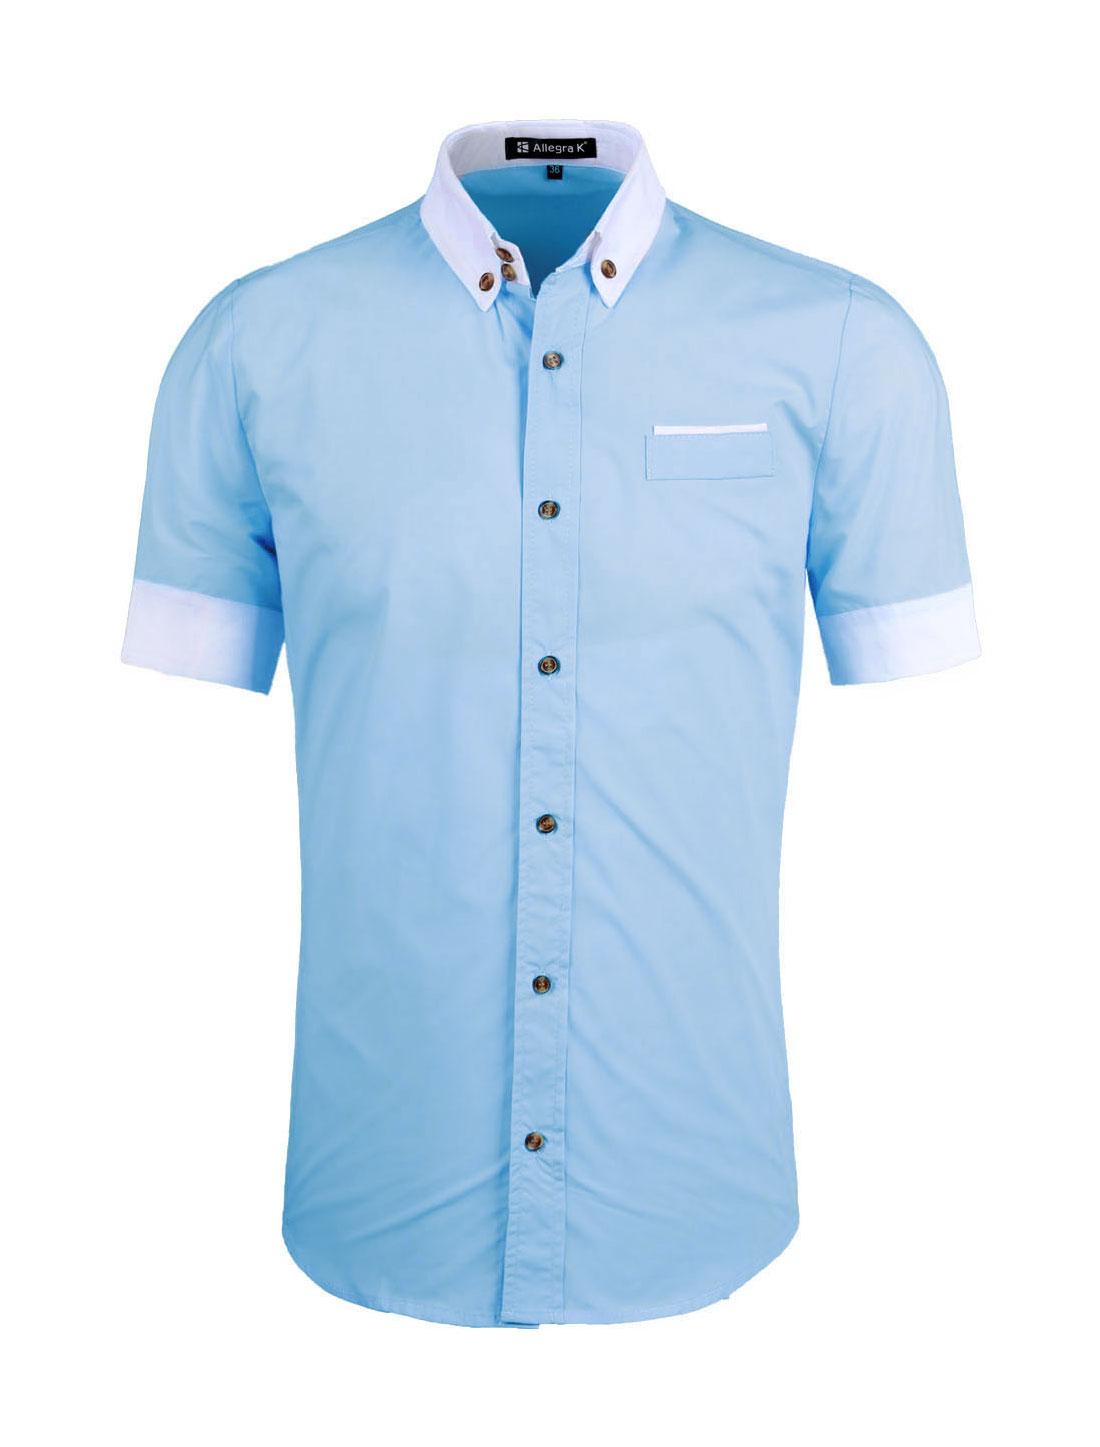 Unique Bargains Unique Bargains Mens Short Sleeves Contrast Color